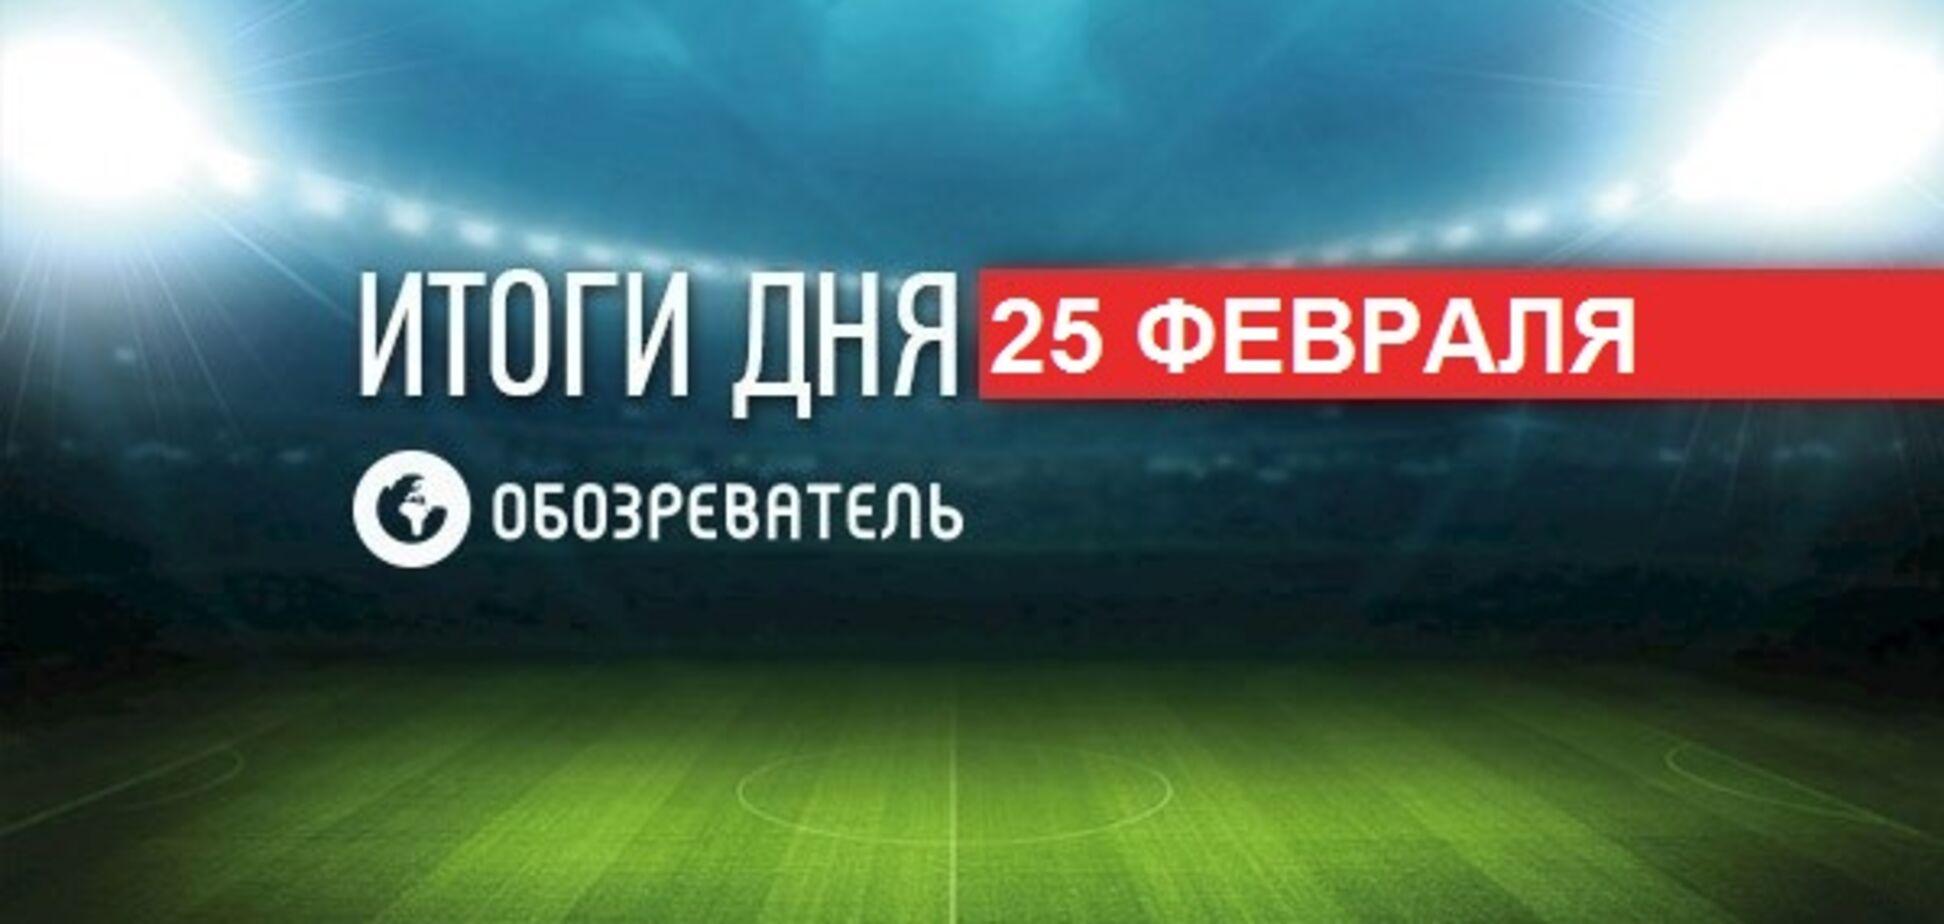 Украина получила еще одного чемпиона мира по боксу: спортивные итоги 25 февраля